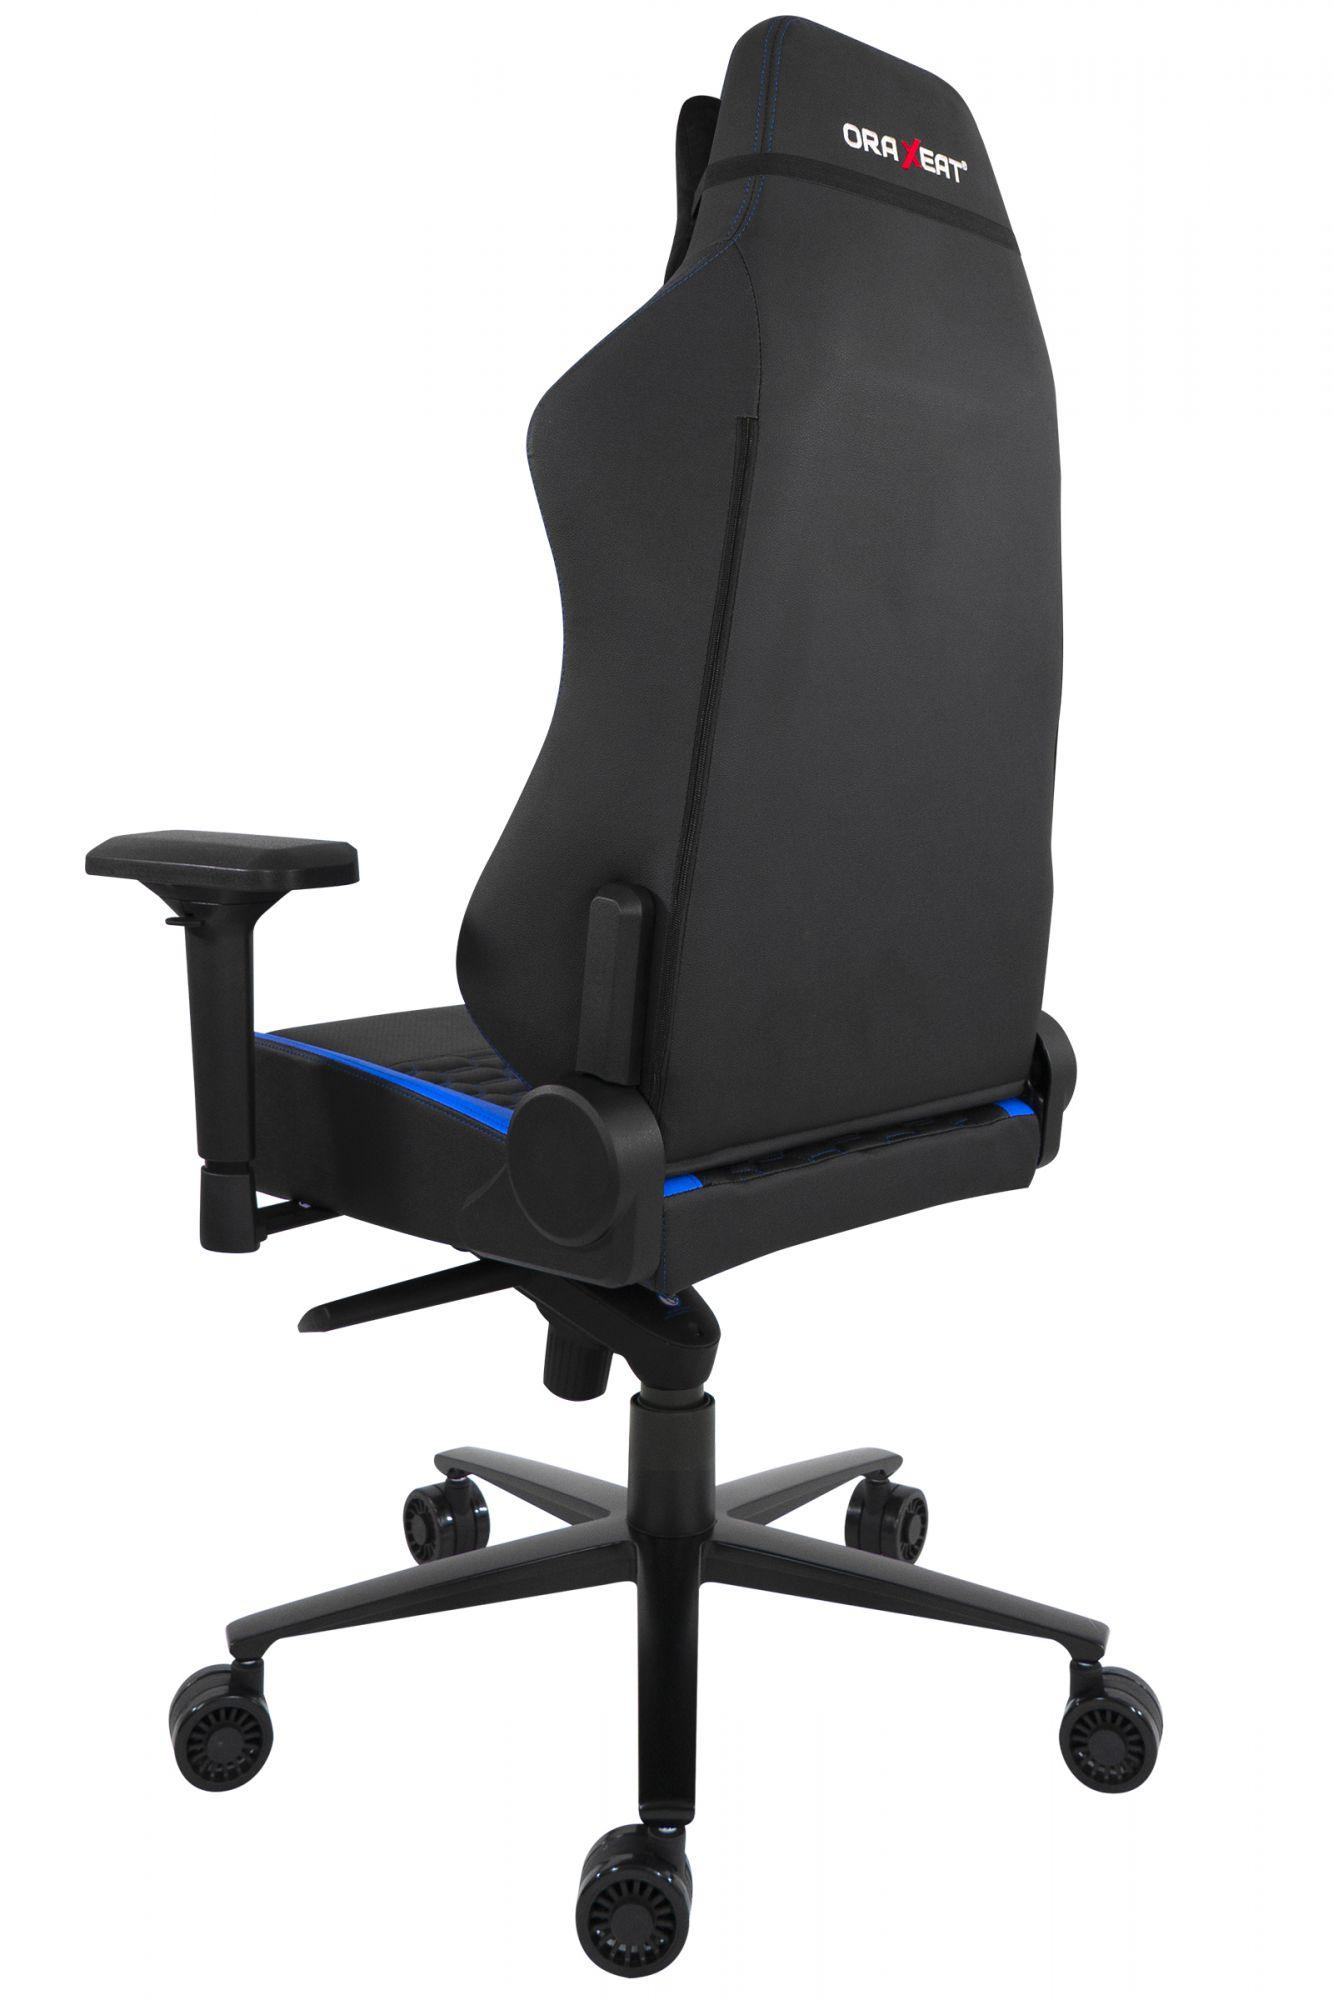 Siege Gamer ORAXEAT TK700 - Bleu